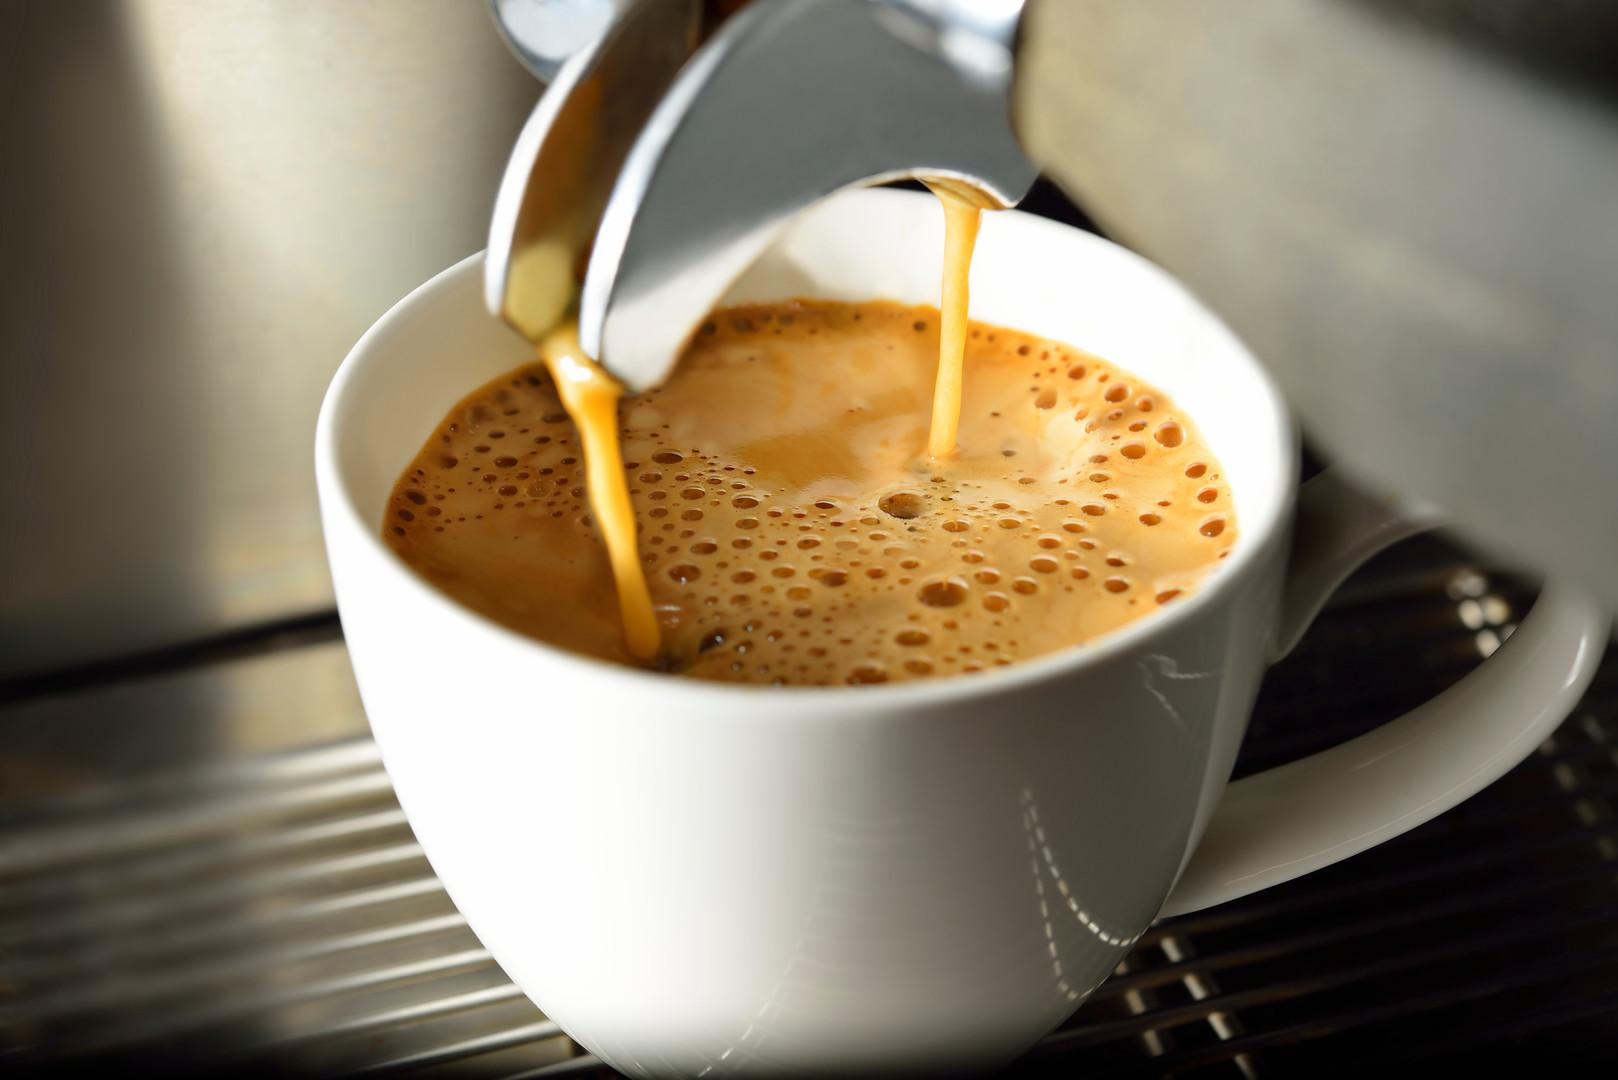 notre café 100% arabica